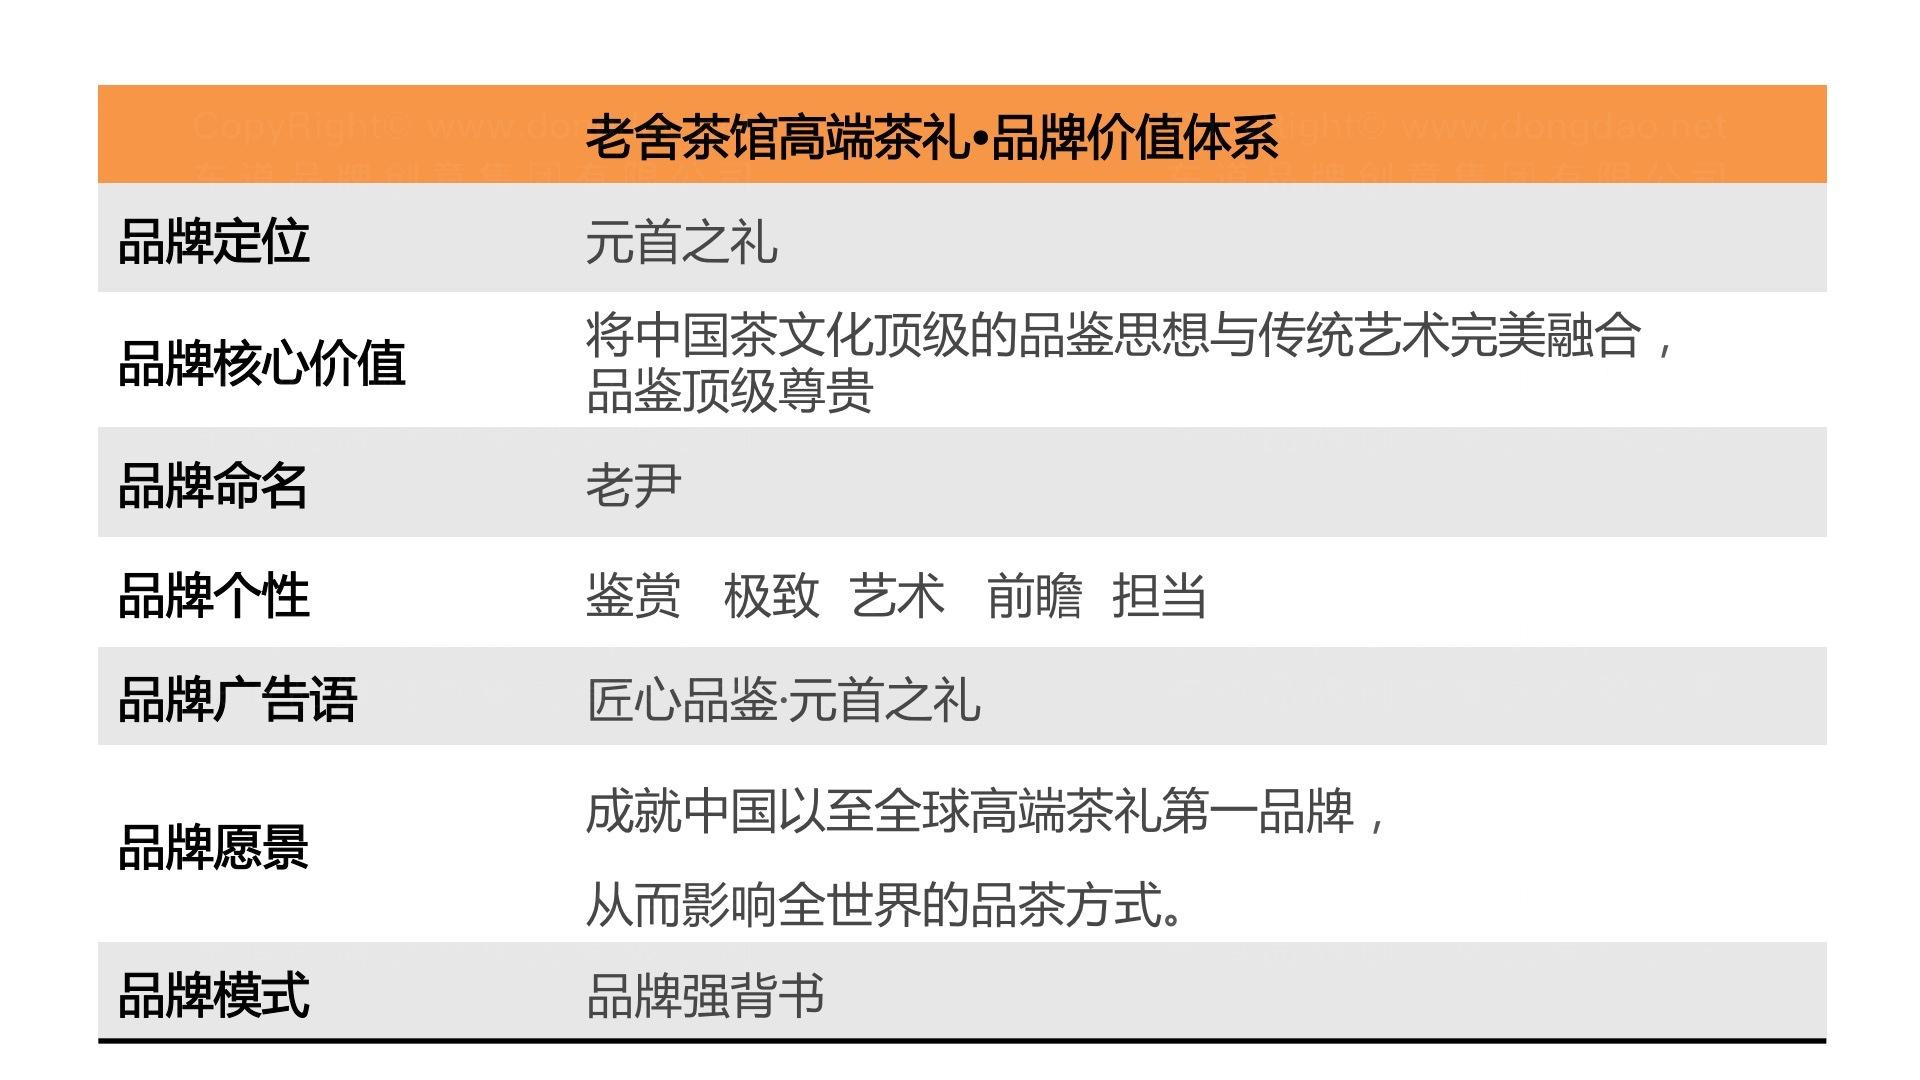 品牌战略&企业文化老舍茶馆高端茶礼品牌战略规划应用场景_4